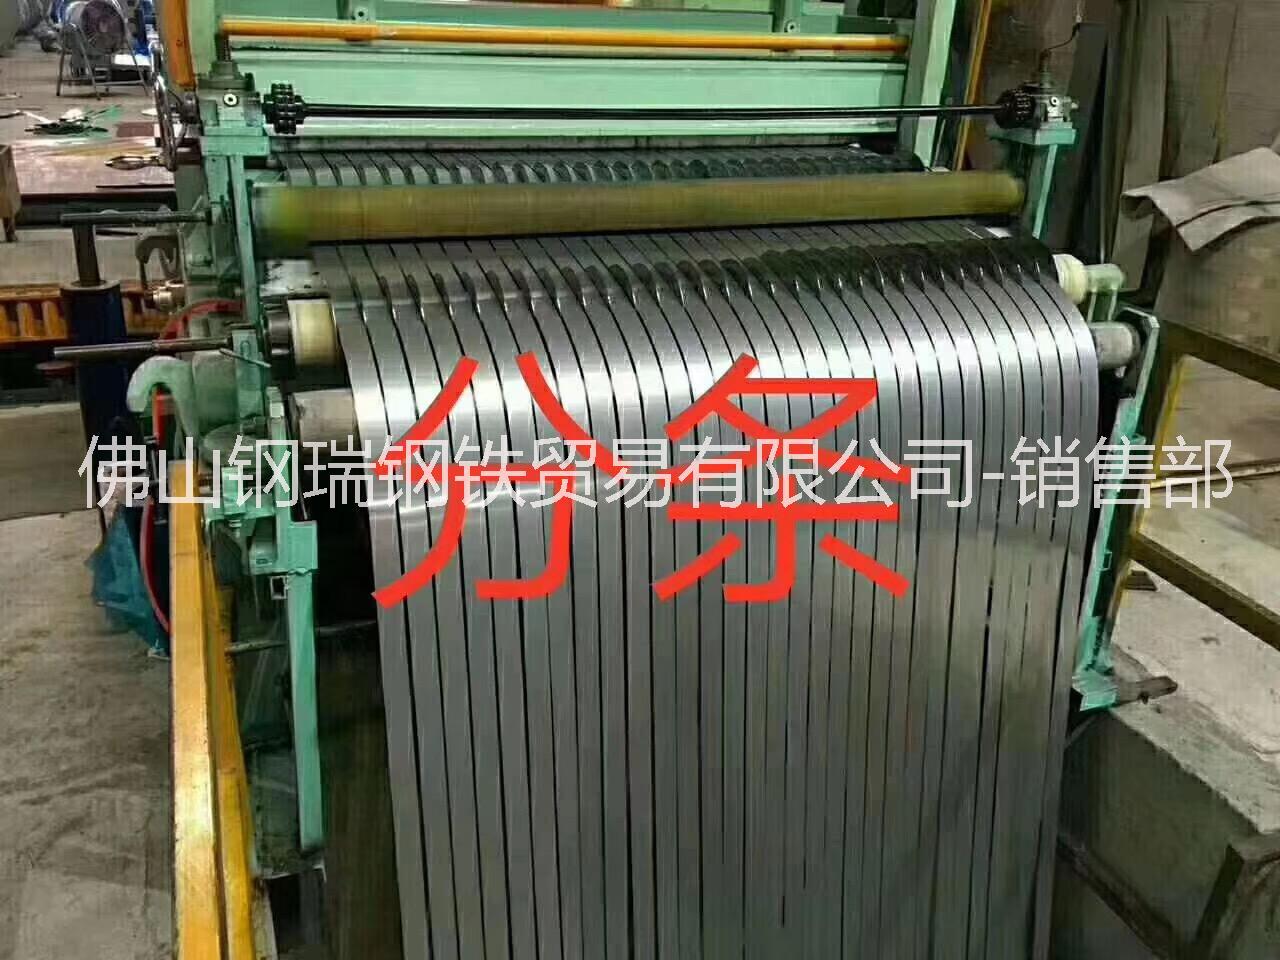 钢材加工厂 钢板切割打孔 镀锌预埋件加工 H型钢拉弯 工字钢切割 拉弯厂家加工质量保证价格优惠